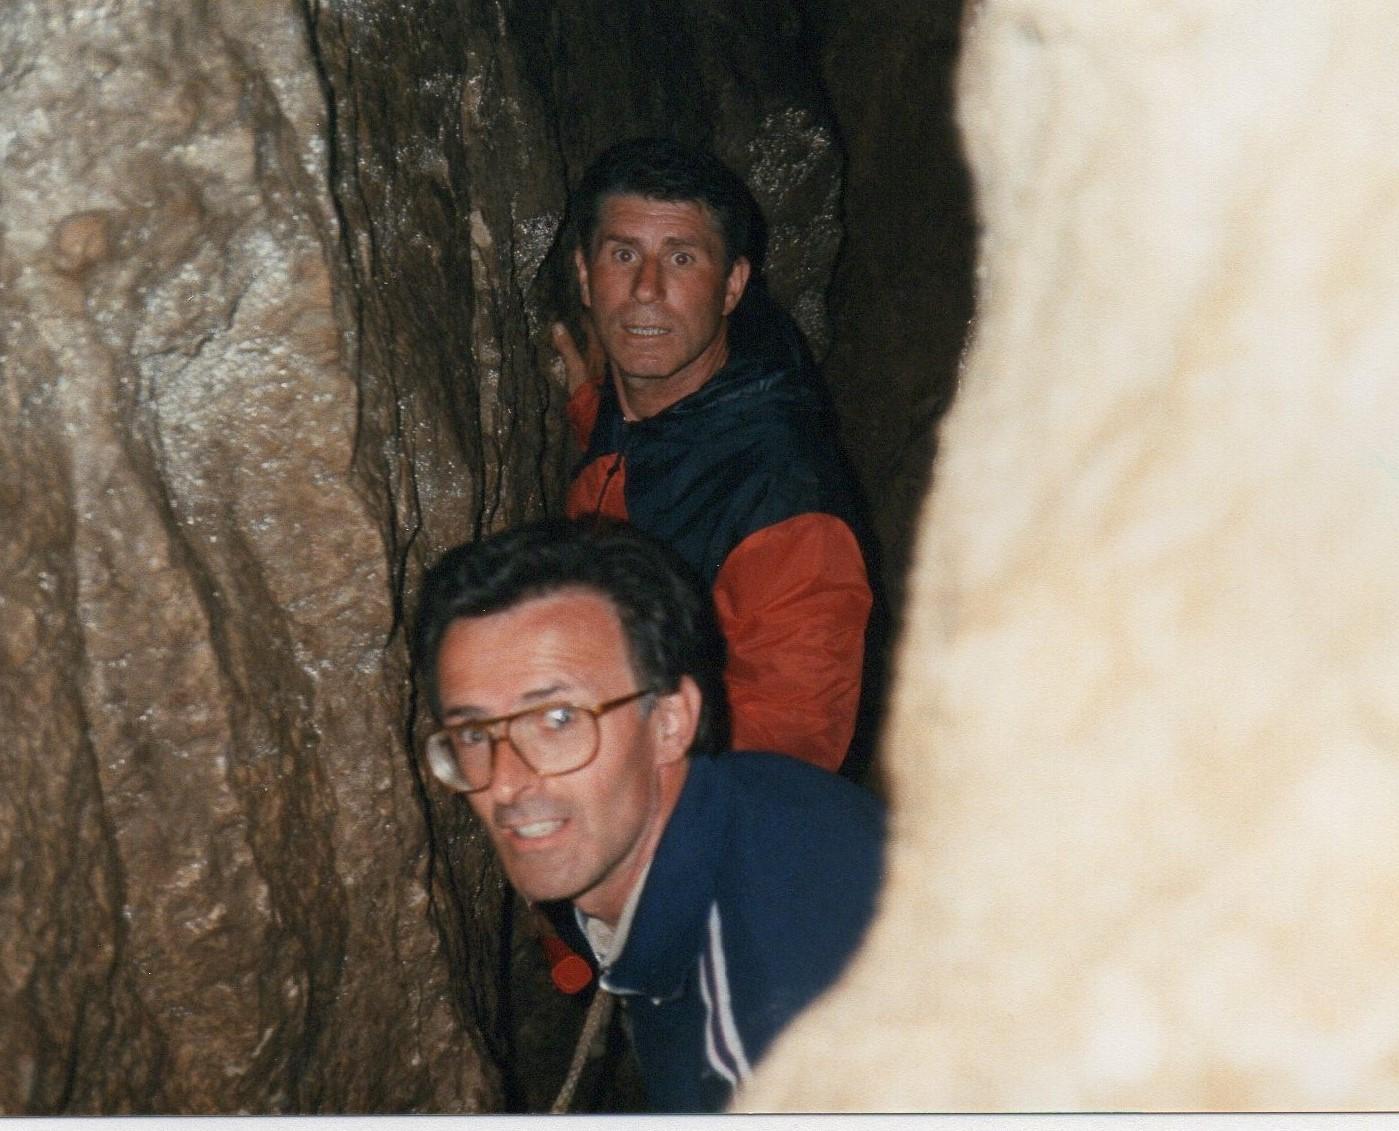 Grotta 1986